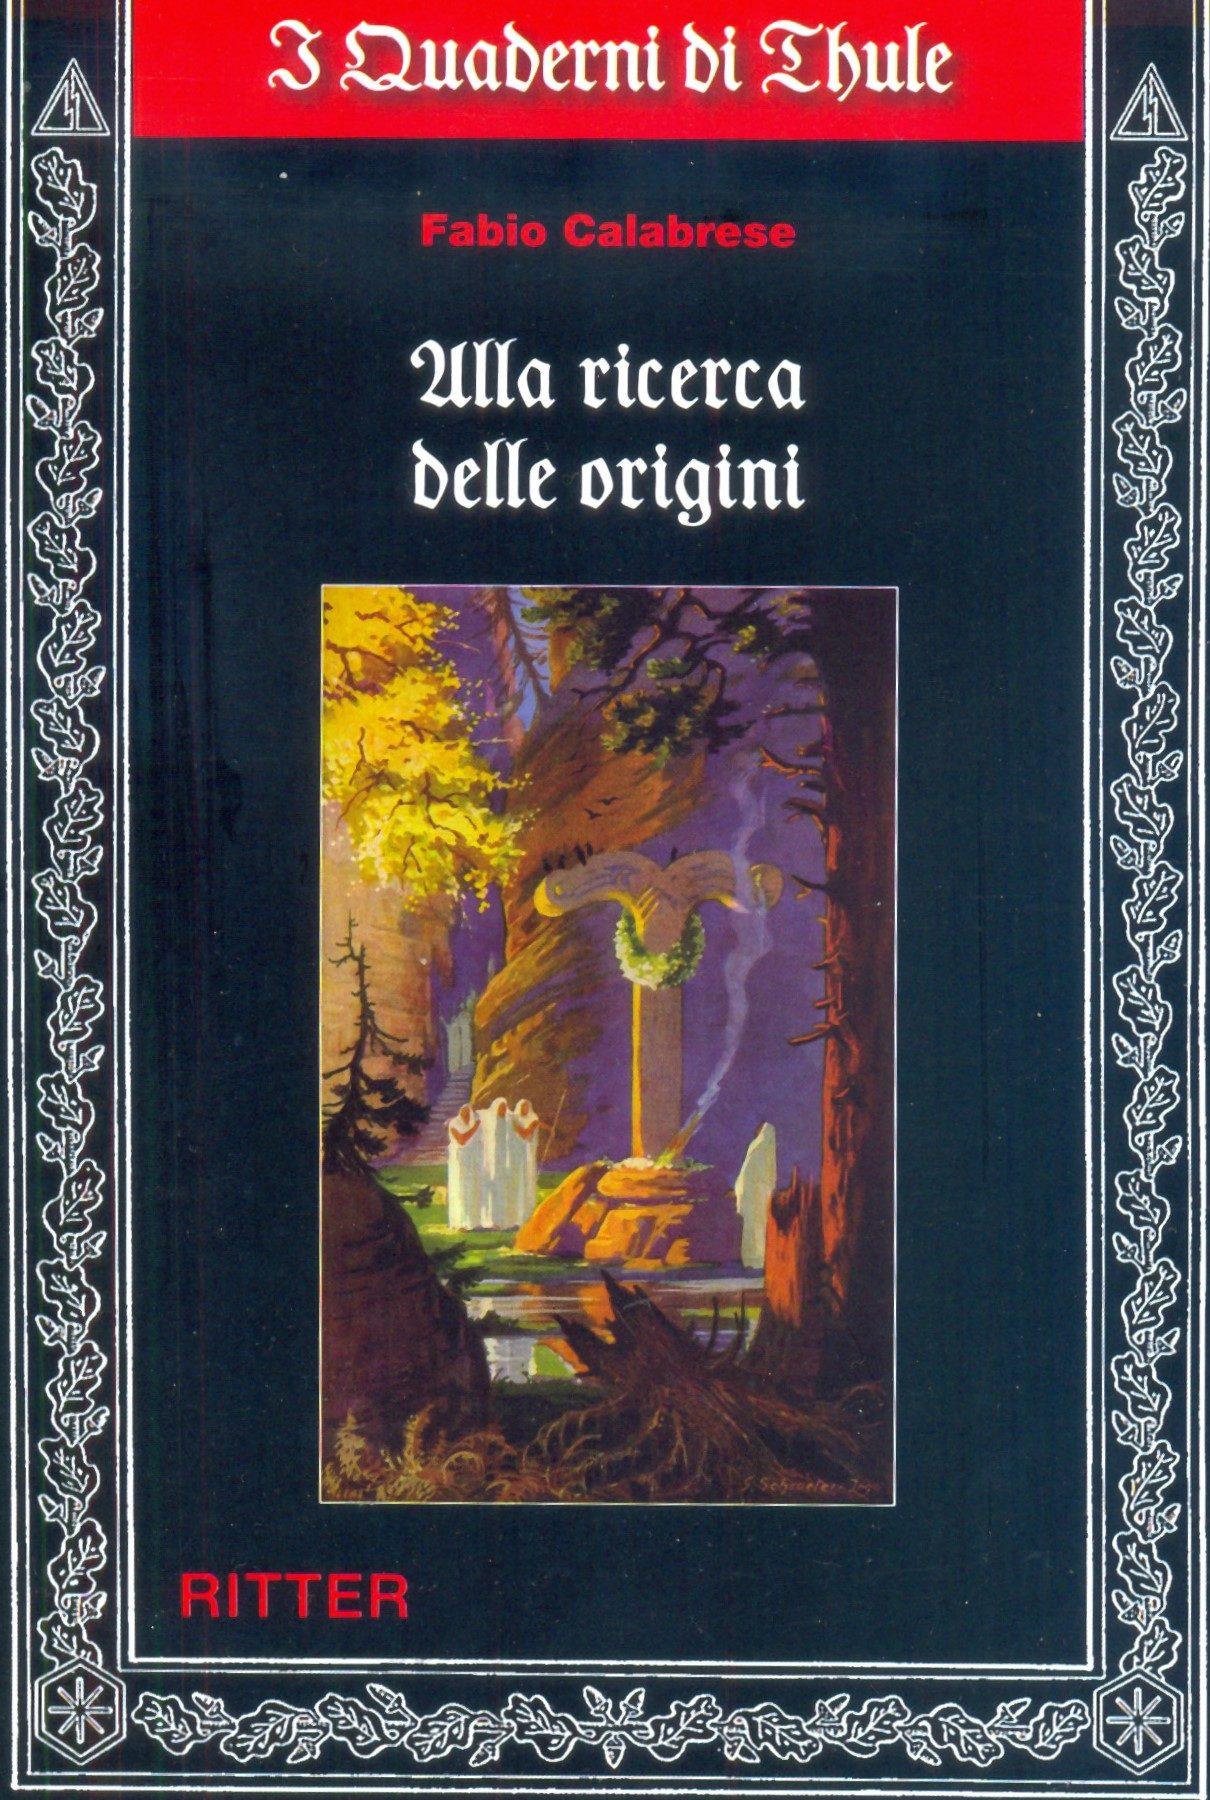 """Recensione a """"Alla ricerca delle origini"""" di Fabio Calabrese. A cura di Michele Ruzzai"""